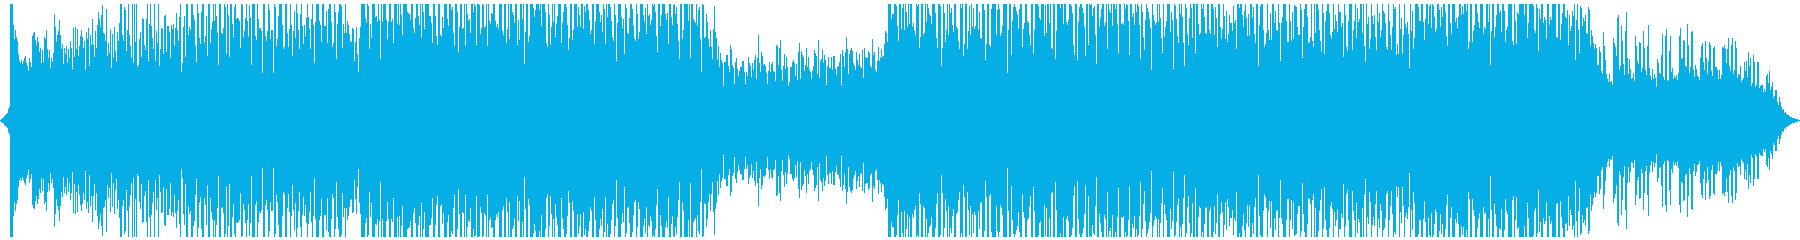 クールで近未来的なBGMの再生済みの波形